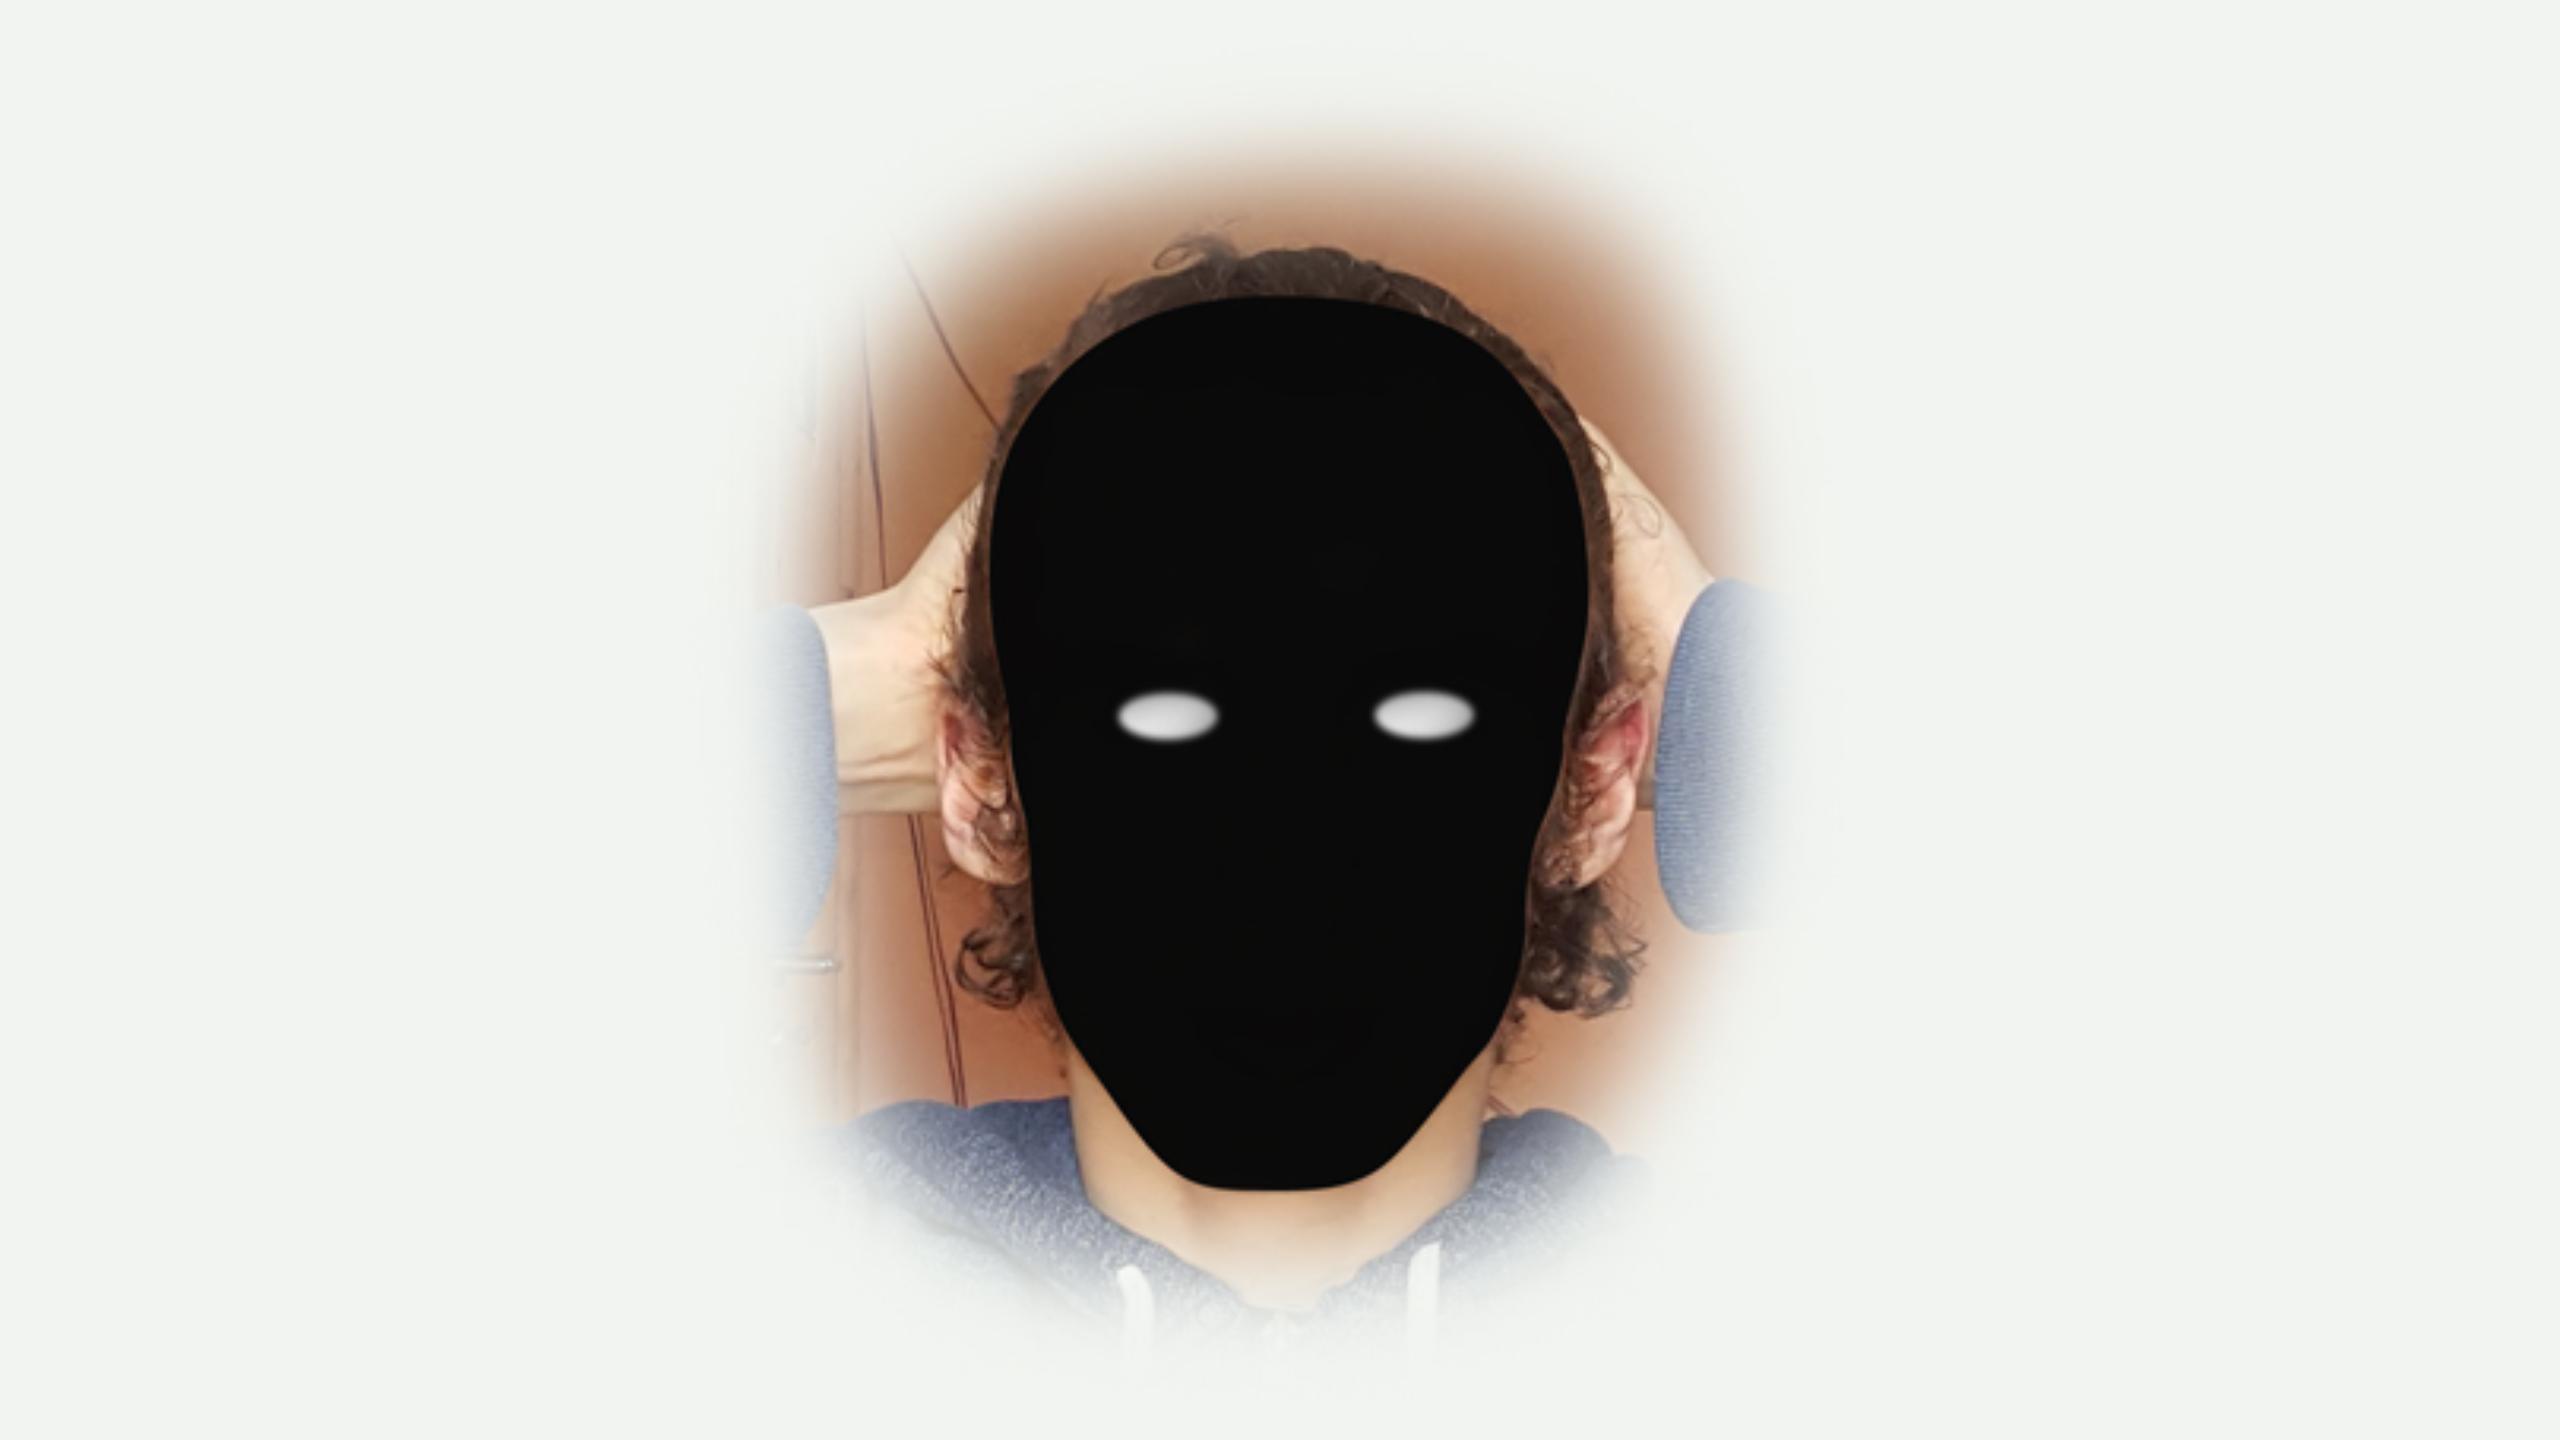 Kopfform Für Glatze